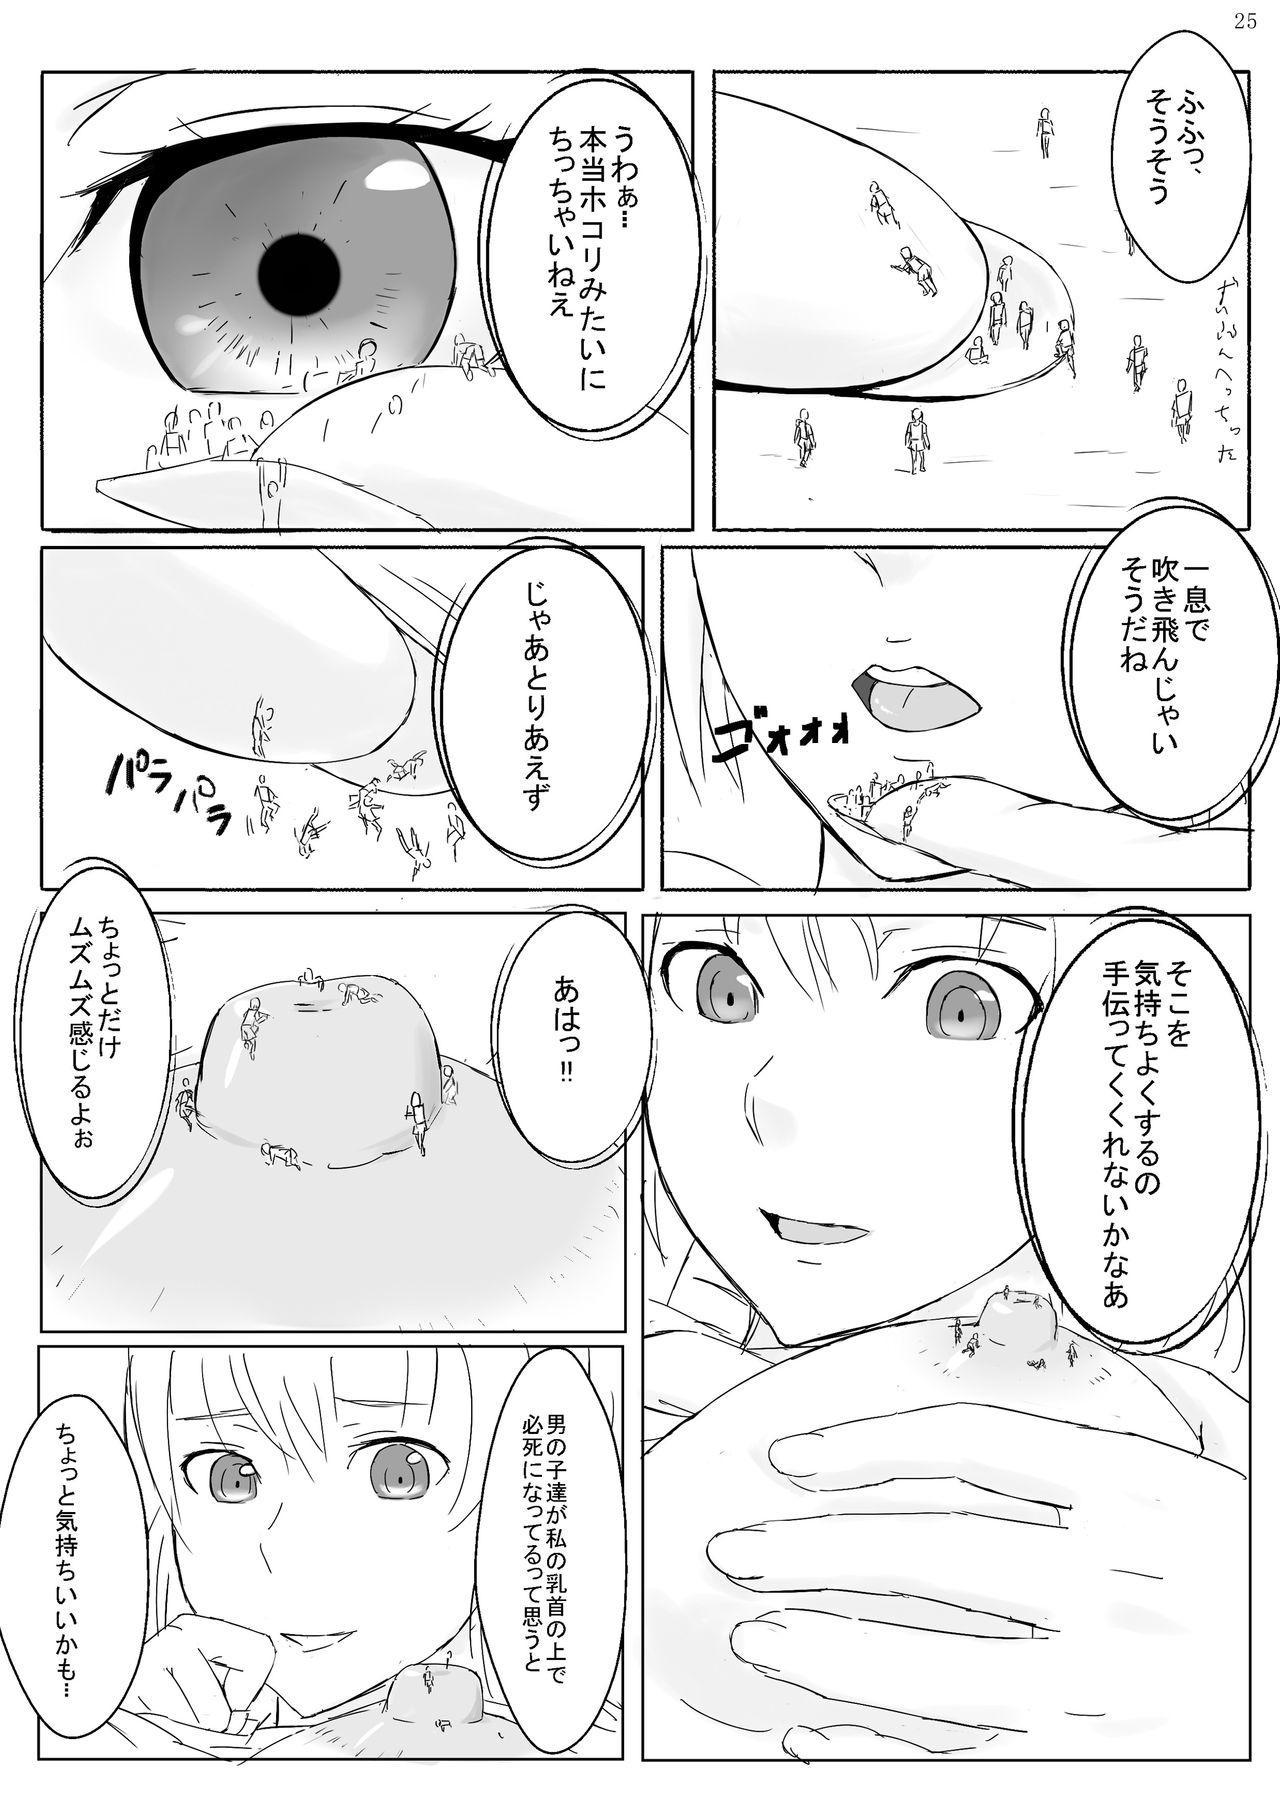 Kyojo Janee Kyodai Musume da! 24